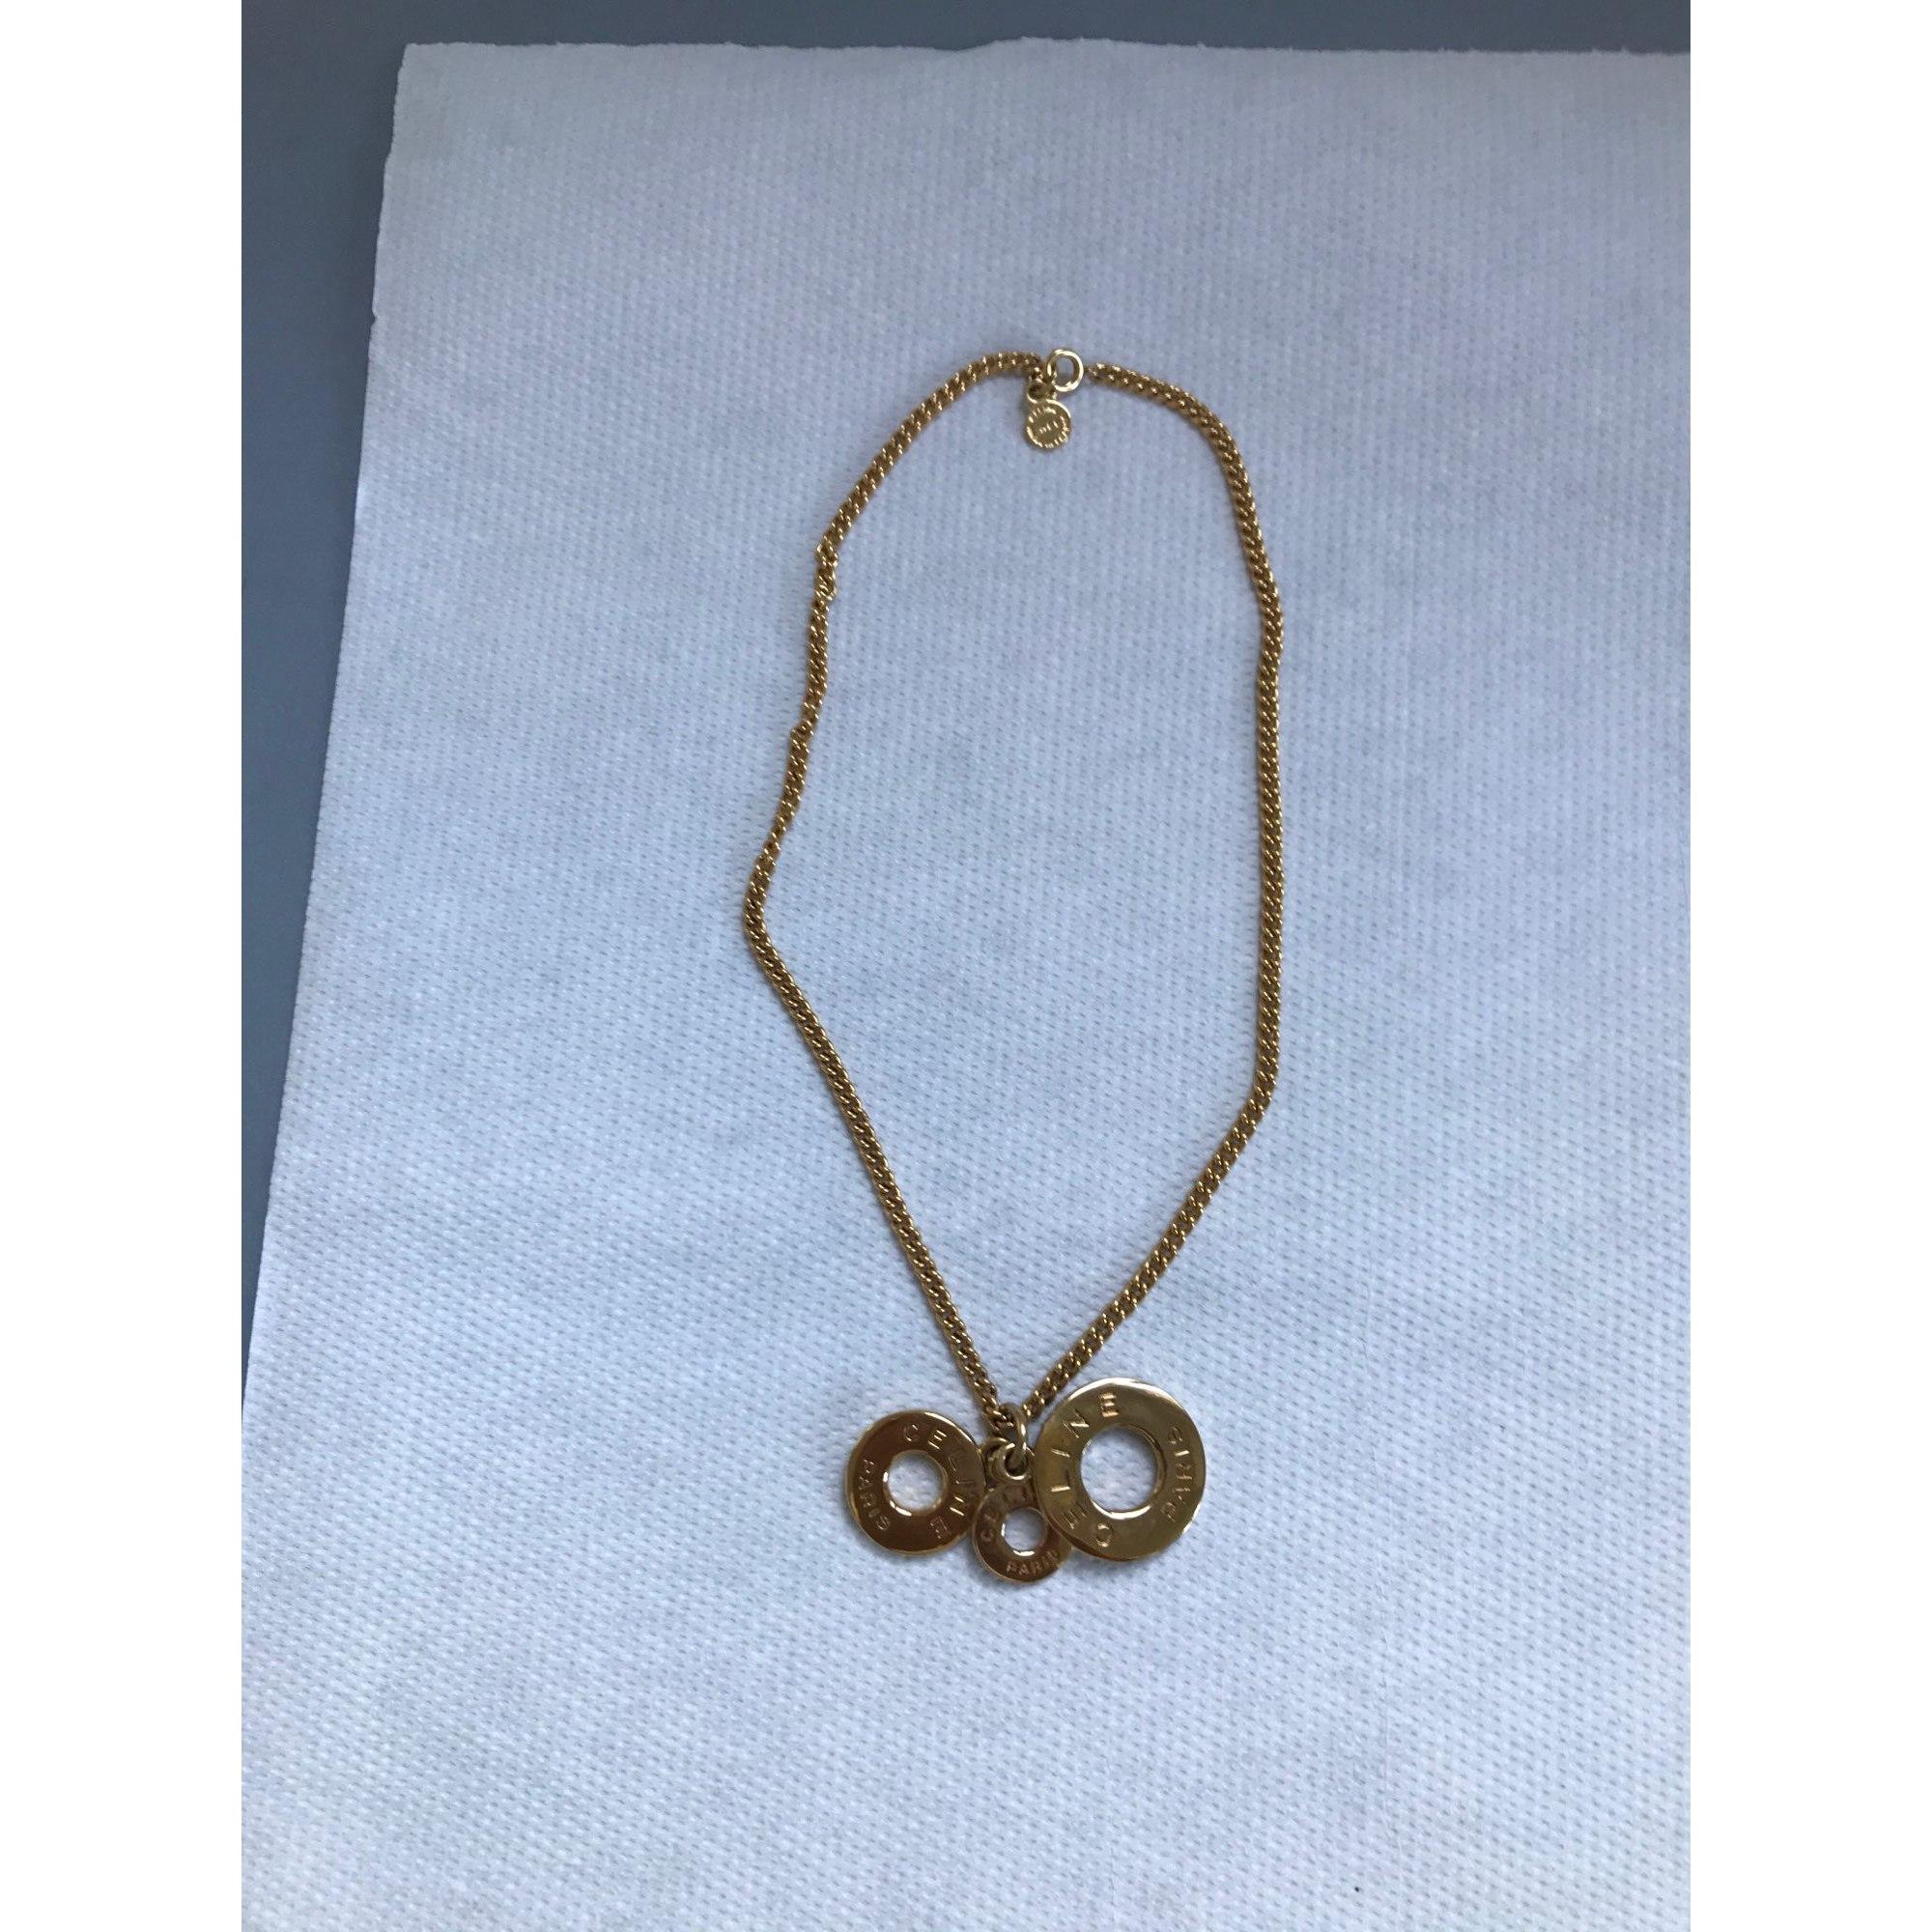 Pendentif, collier pendentif CÉLINE Doré, bronze, cuivre